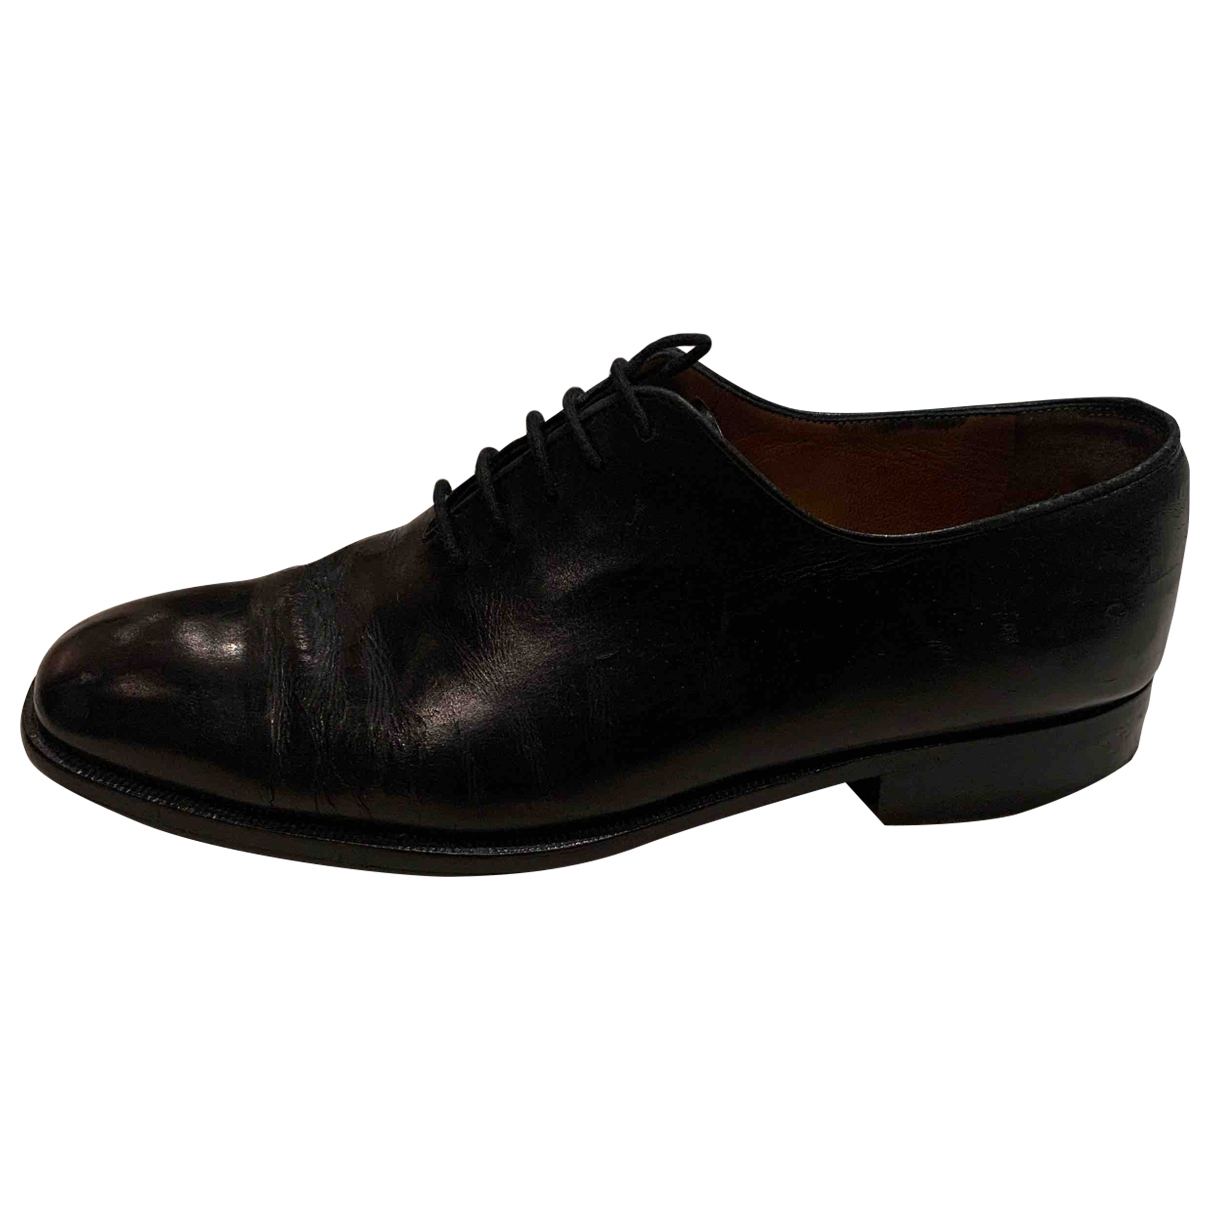 Zilli - Derbies   pour homme en cuir - noir